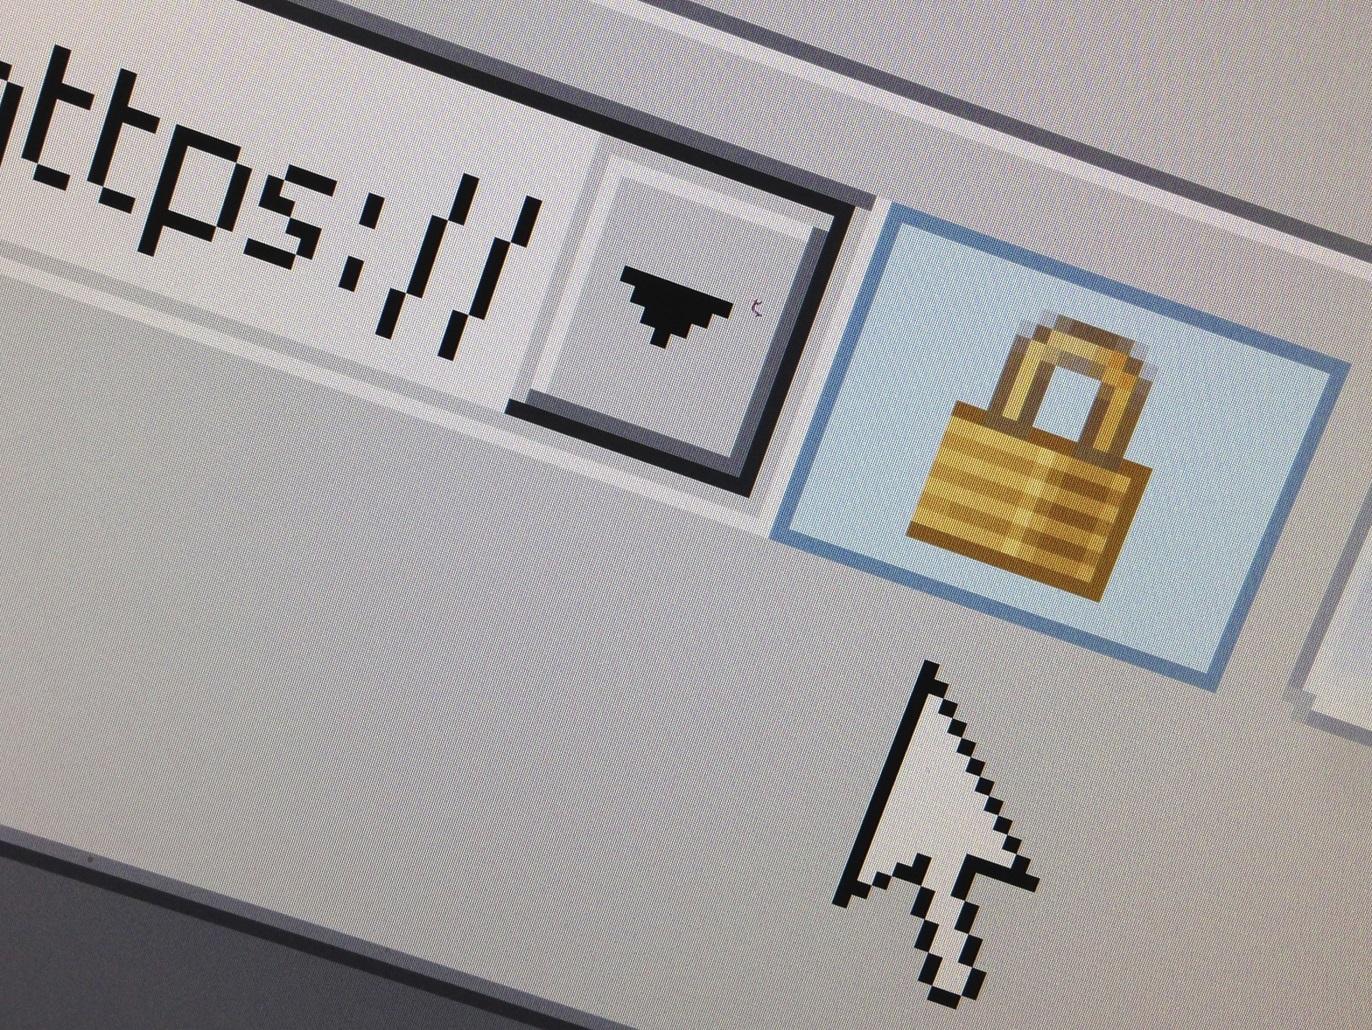 كل المتصفحات تقريبا تستخدم رمز القفل الذي يظهر على يمين عنوان الموقع في المتصفح للدخول على قائمة الأذونات (رويترز)